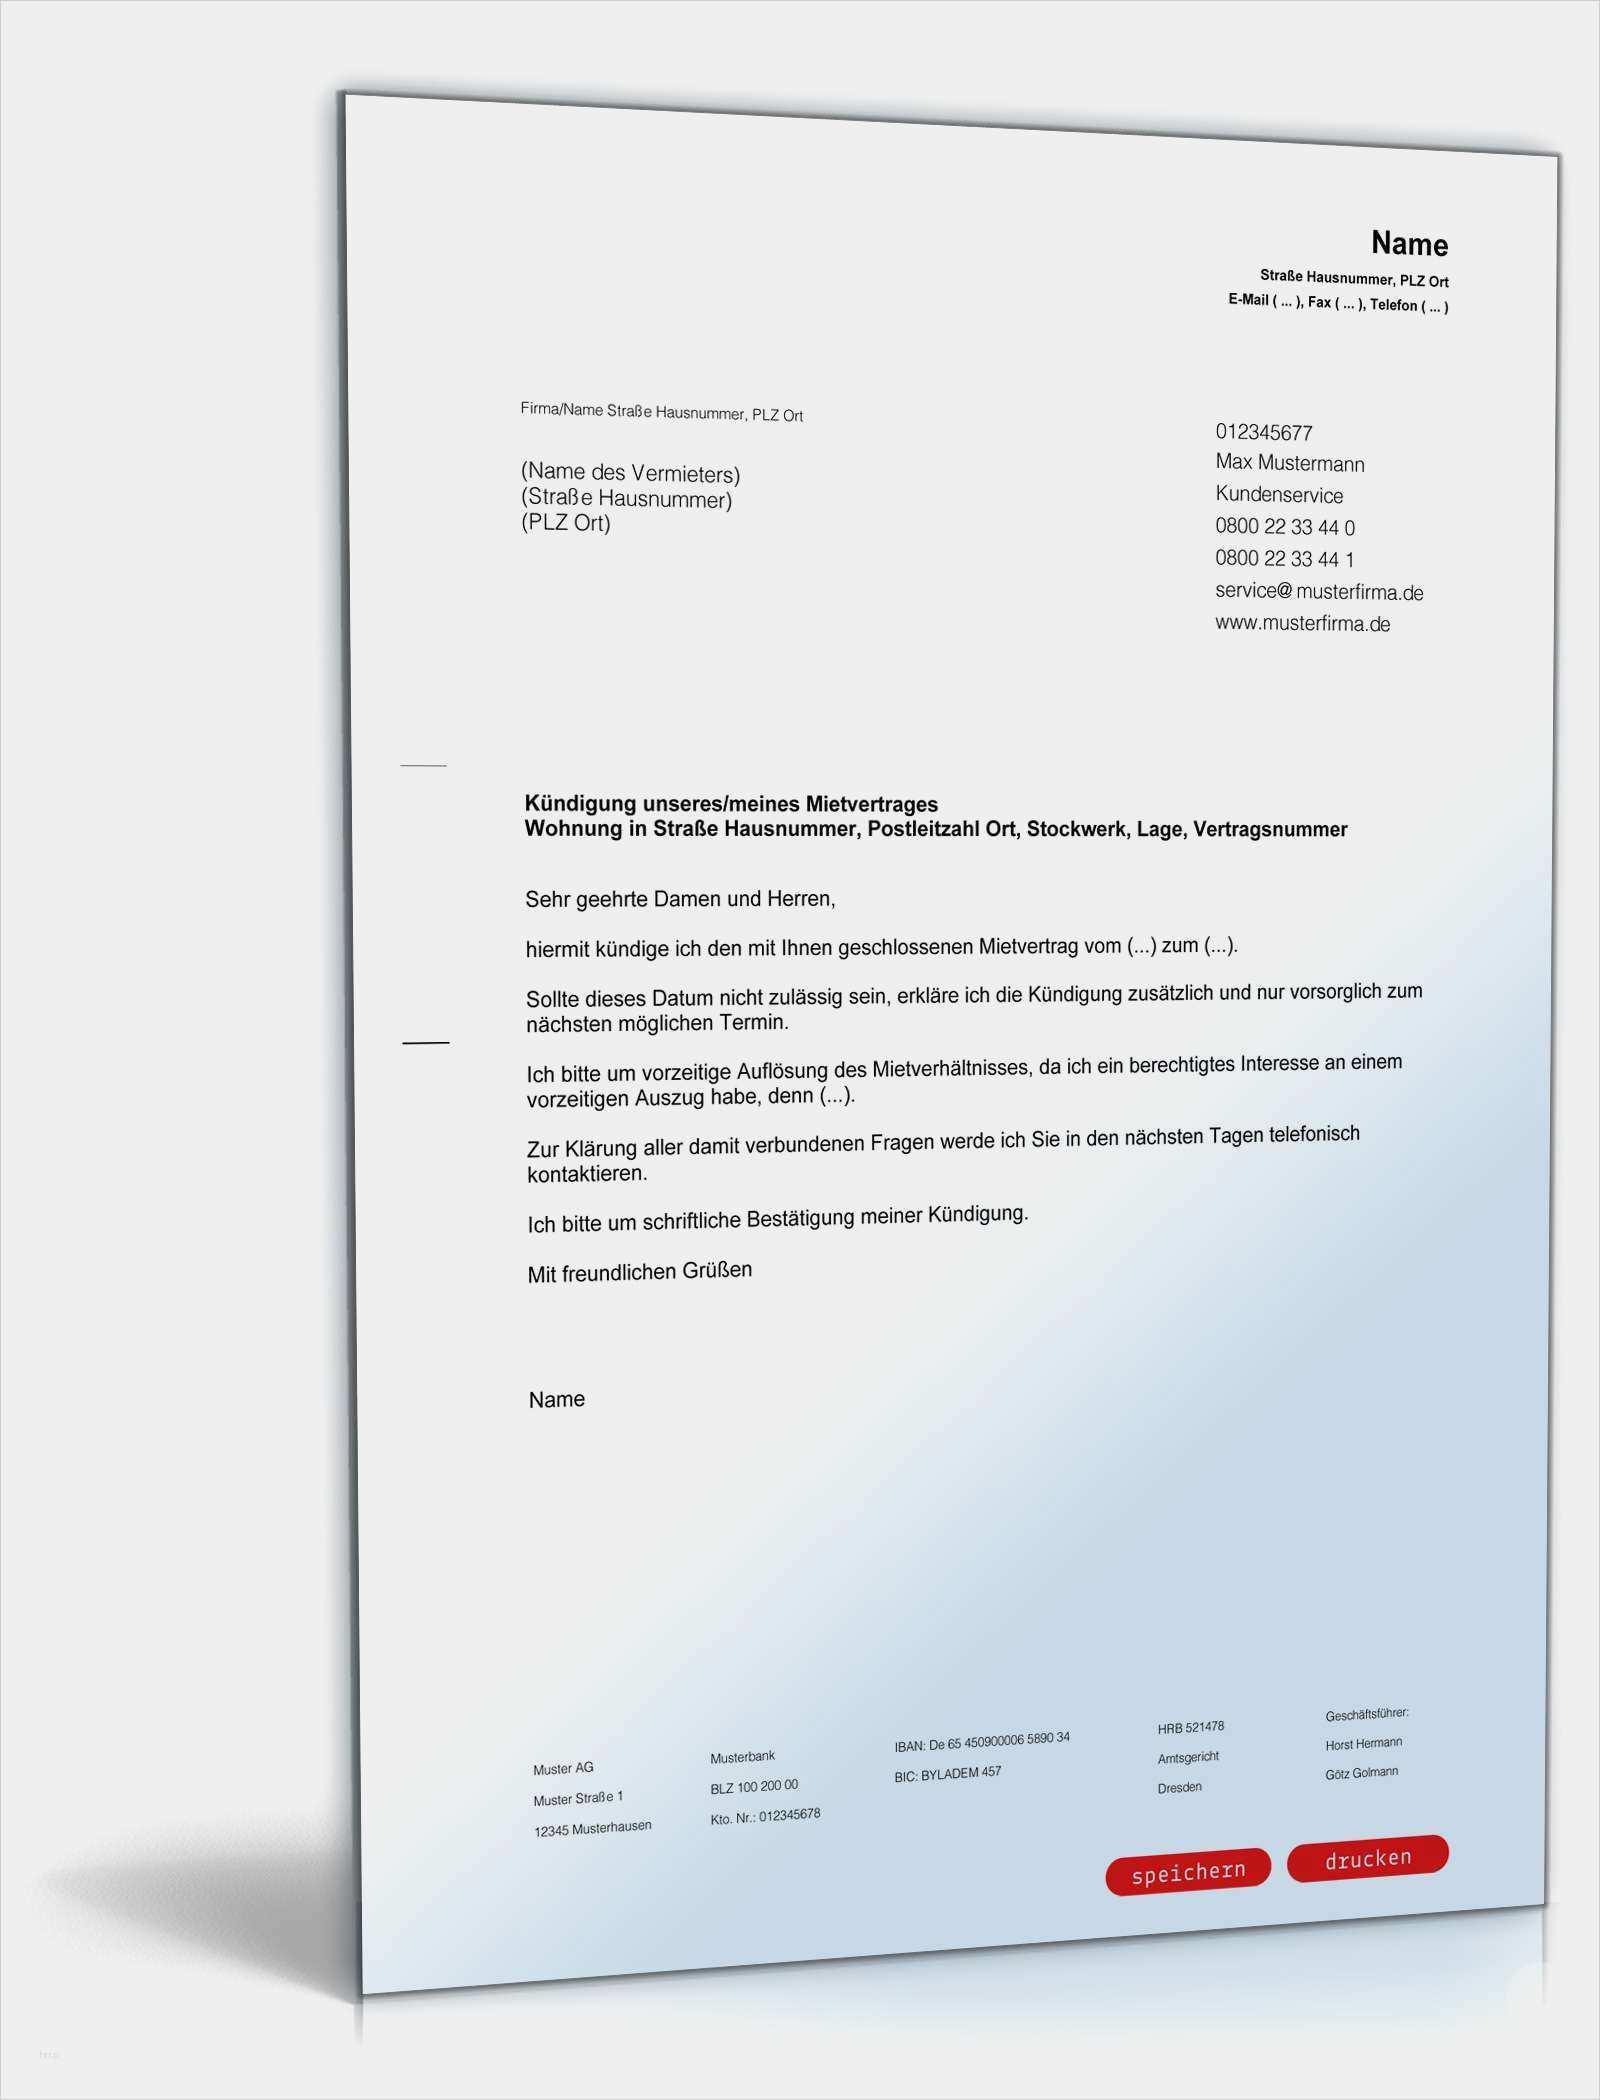 35 Erstaunlich Kundigung Mietvertrag Durch Mieter Vorlage Abbildung Vorlagen Word Lebenslauf Vorlagen